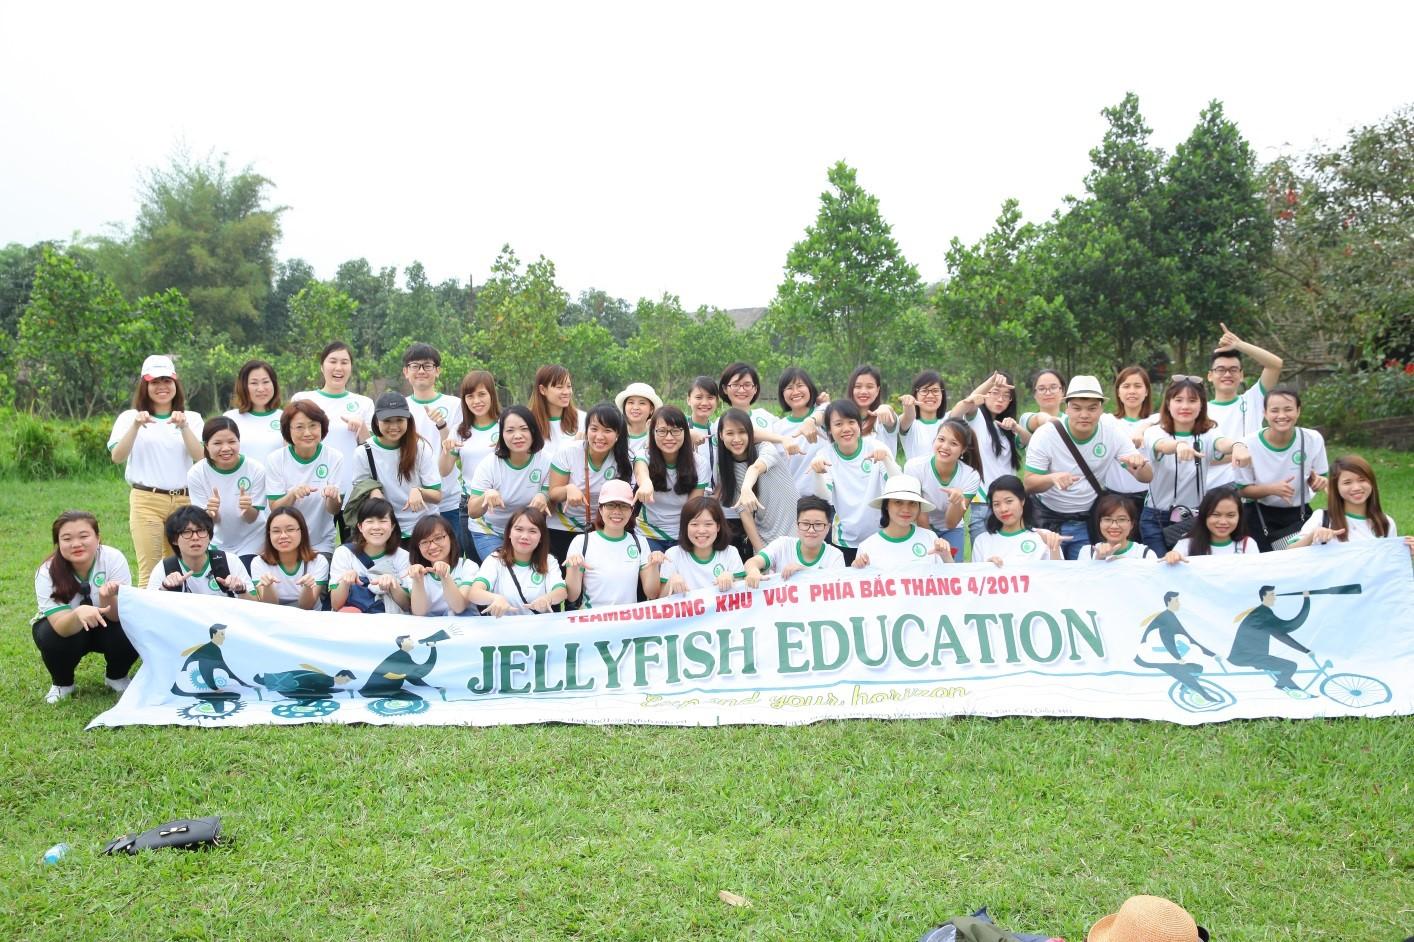 Jellyfish Education Miền Bắc (Hà Nội và Hải Phòng) chụp ảnh kỷ niệm tại làng sinh thái Long Việt